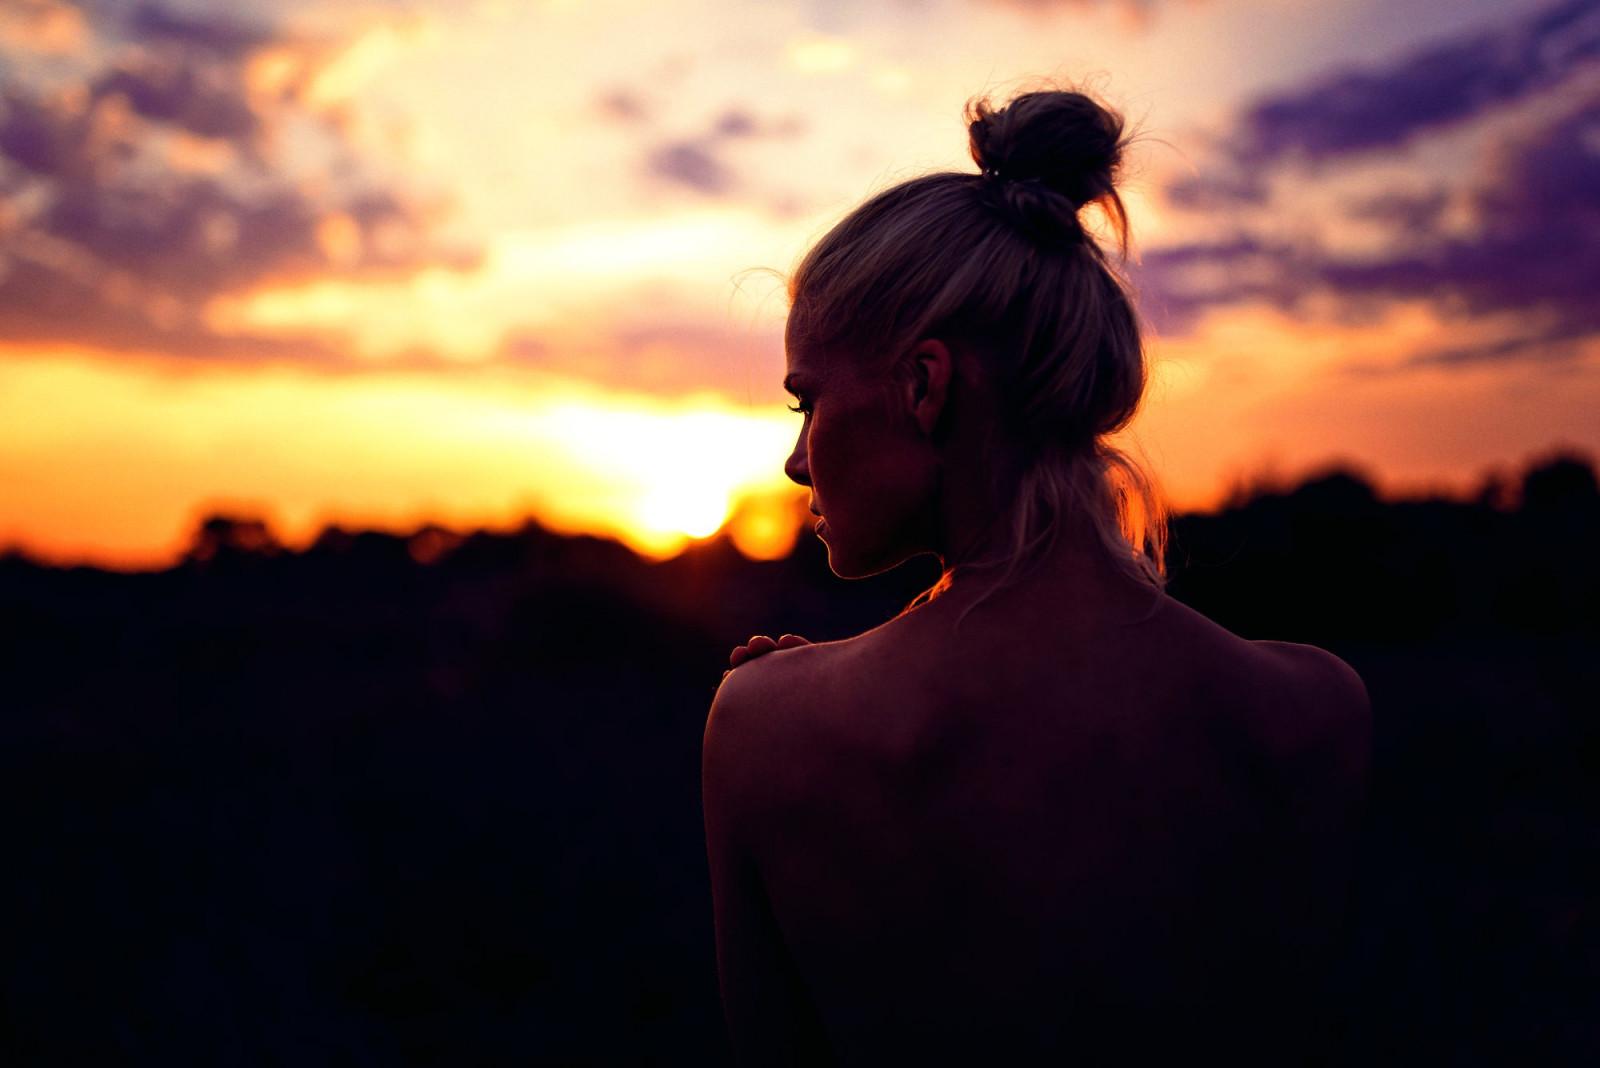 Фото полной девушки со спины в темноте на аву в контакт